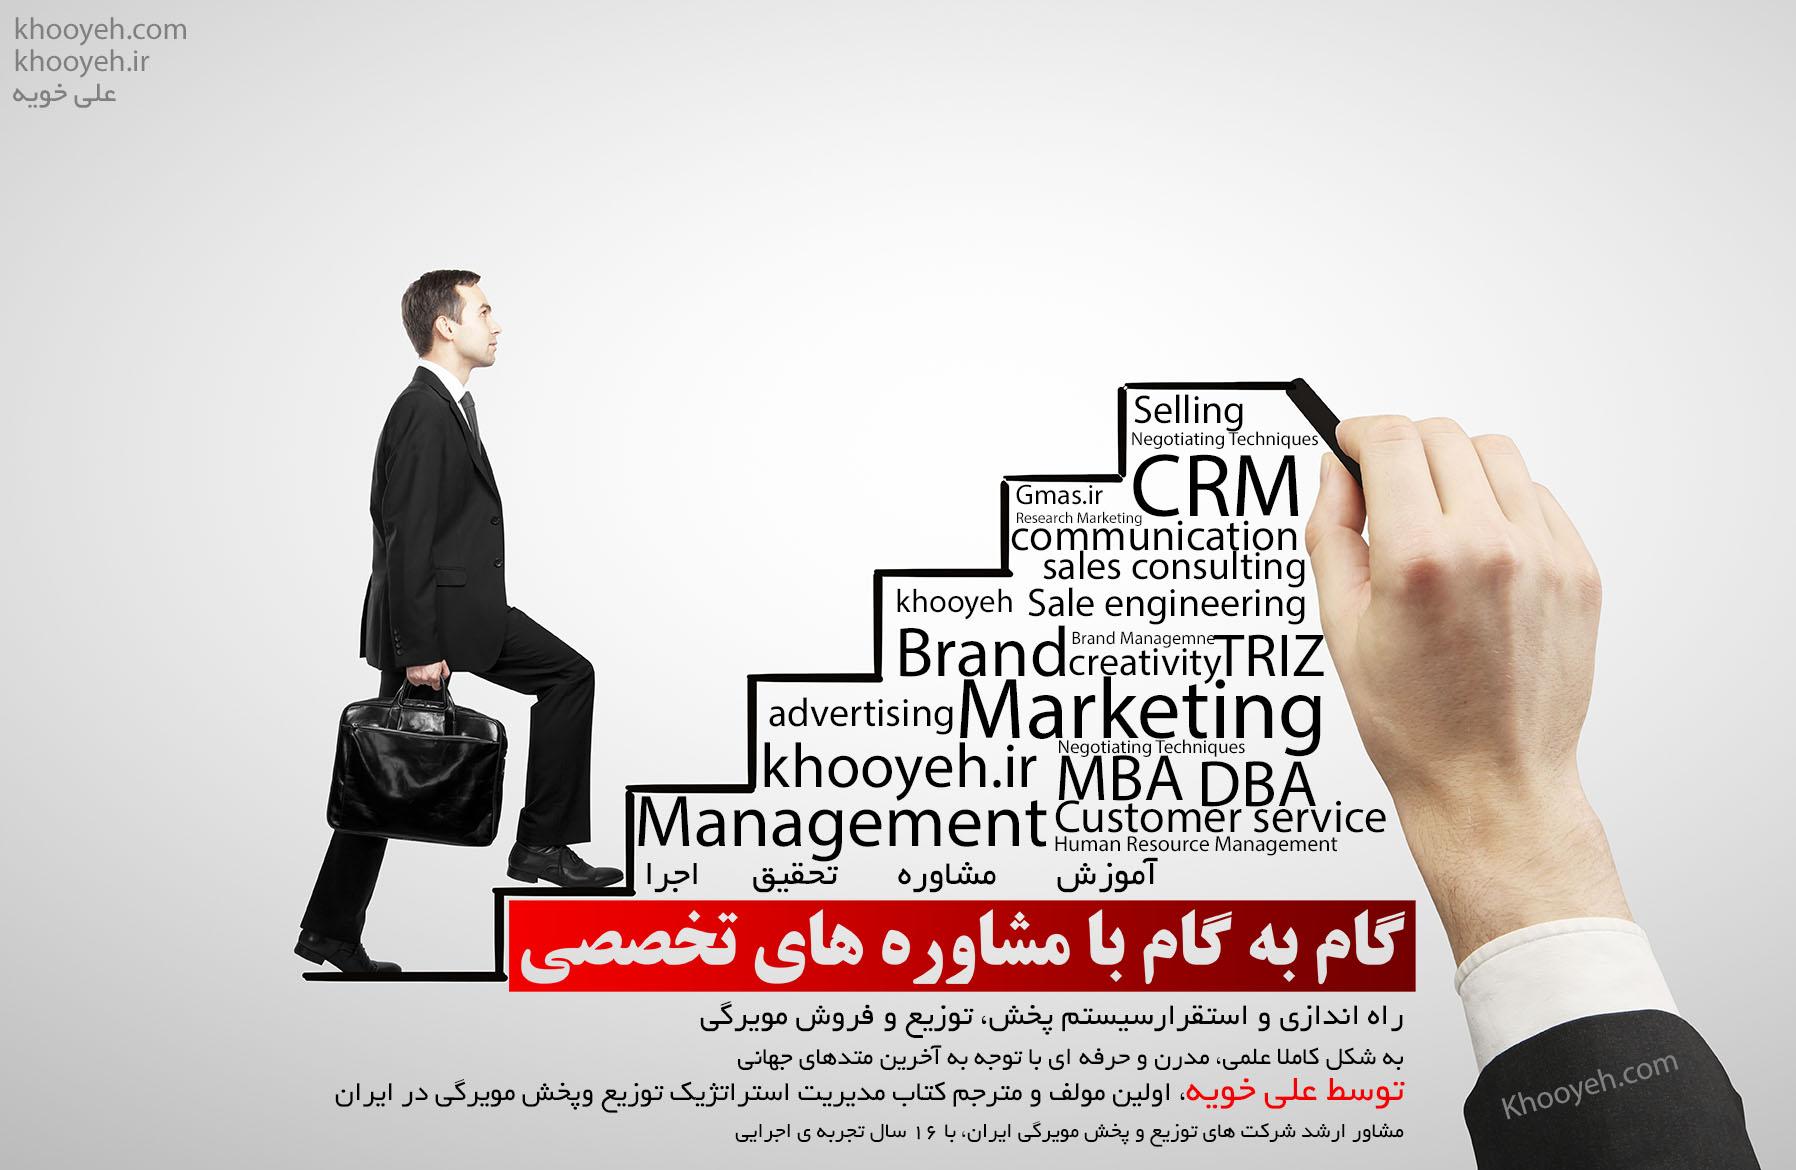 مشاور بازاریابی و فروش